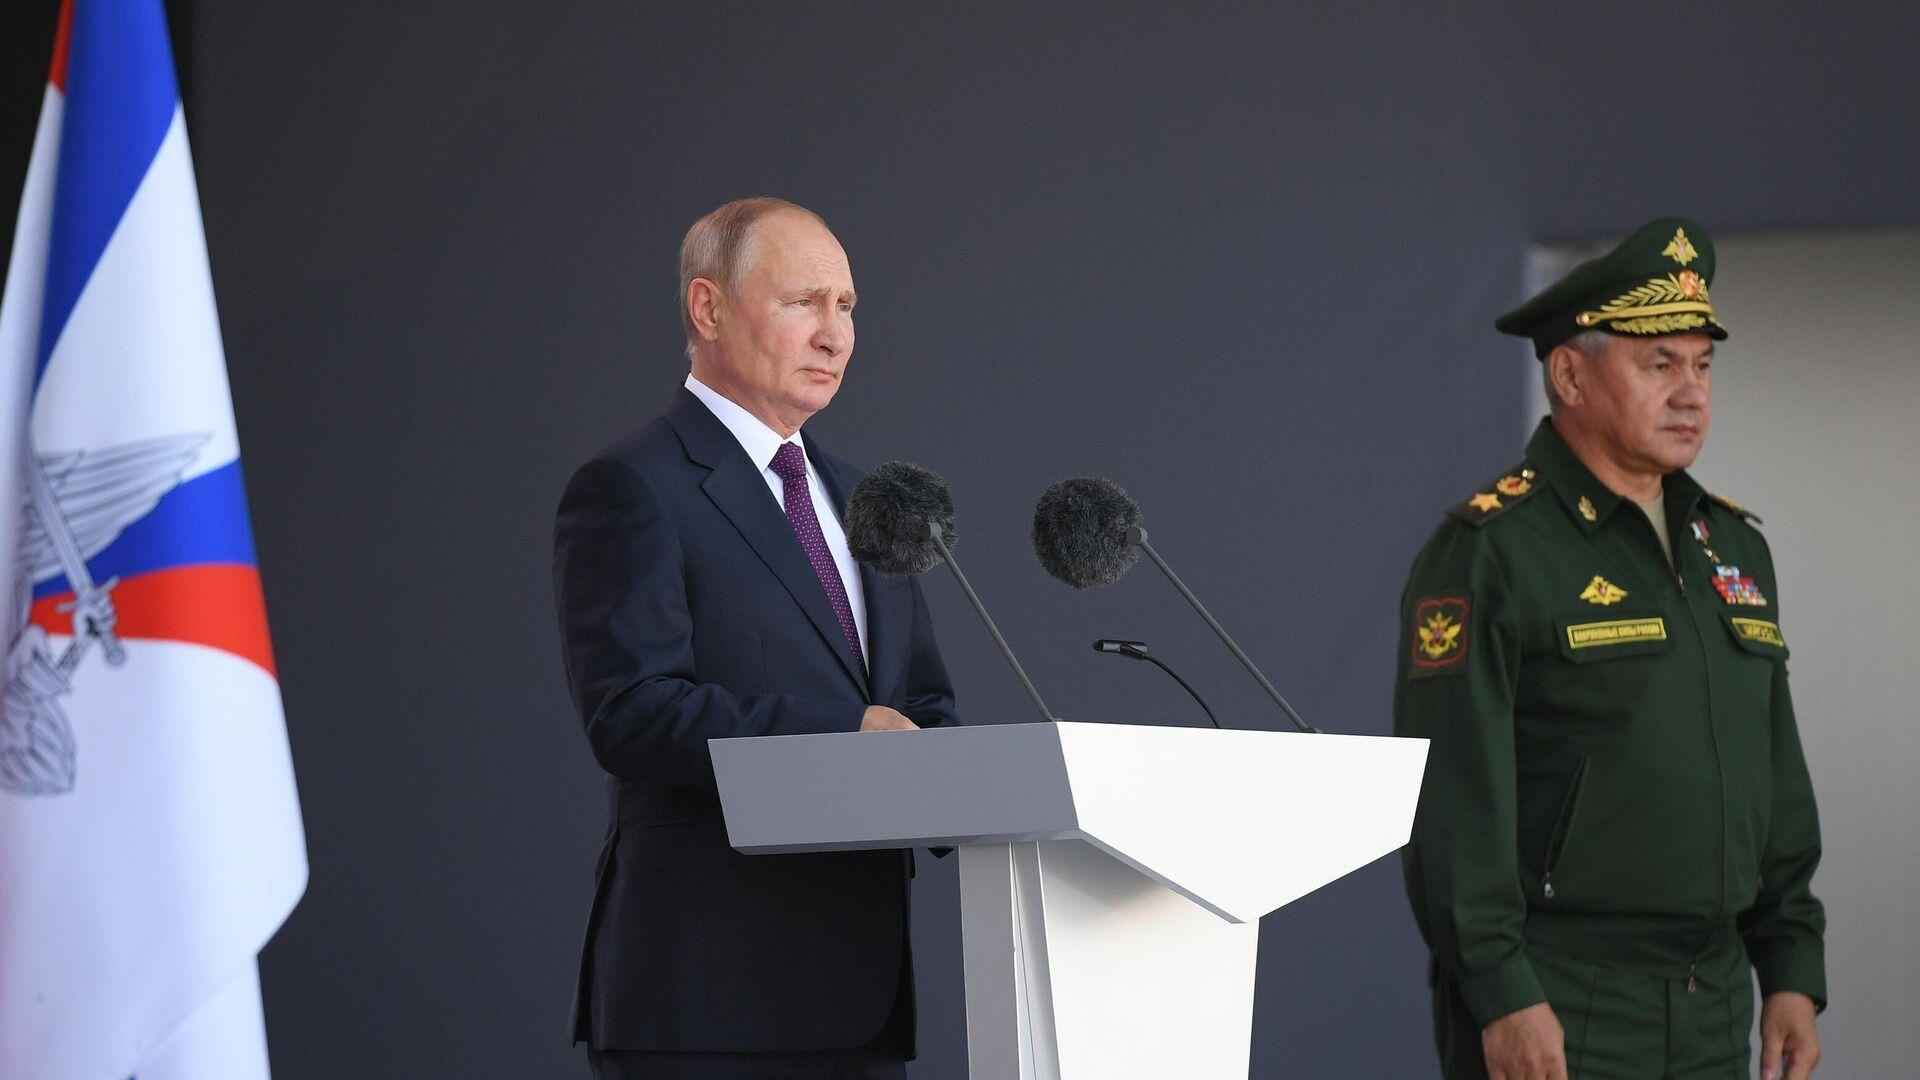 Шойгу рассказал о взаимопонимании с Путиным